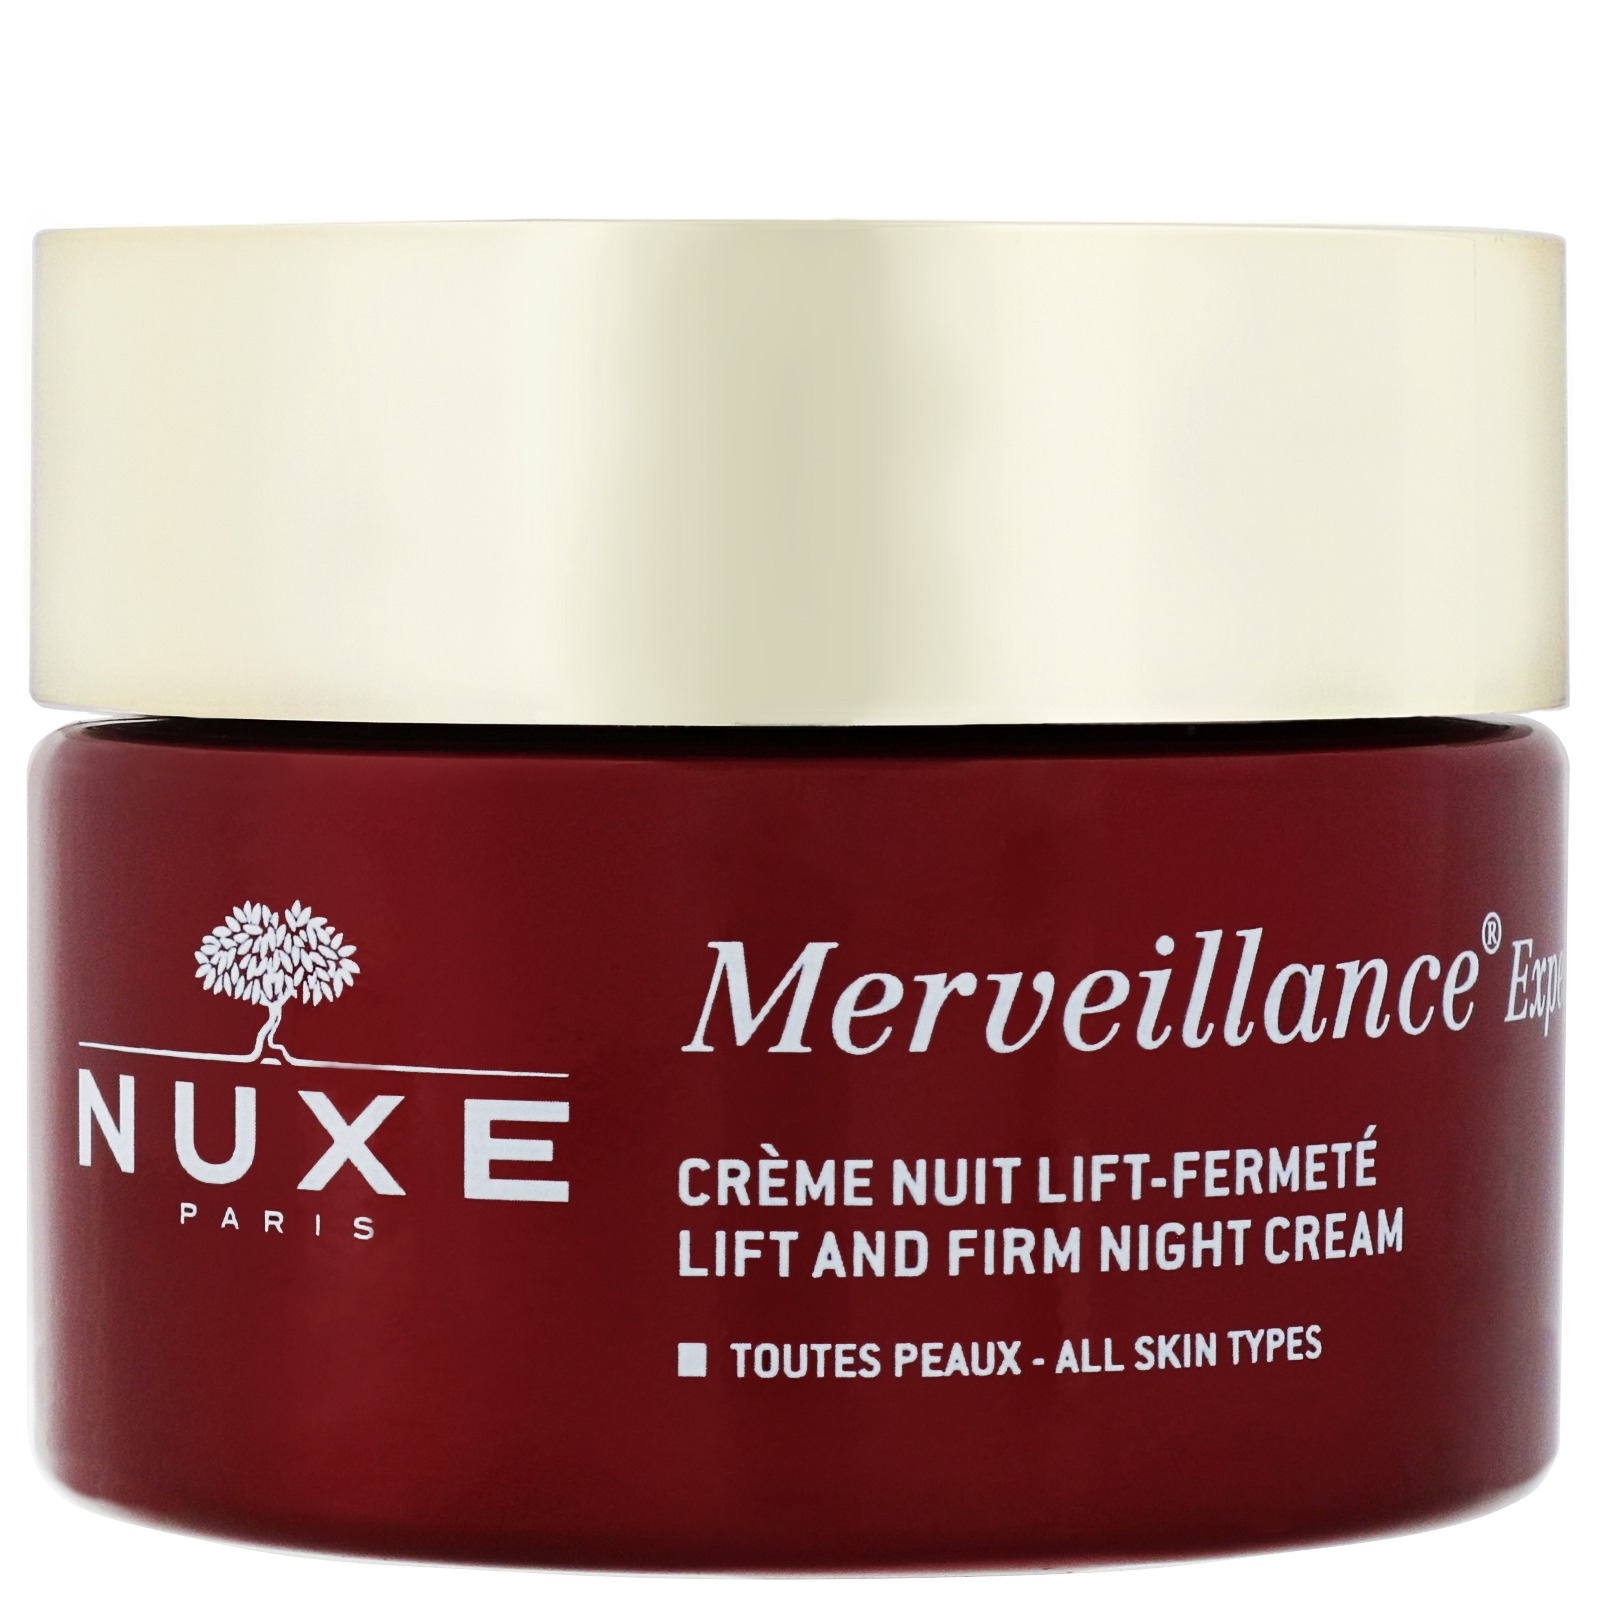 Crema antiarrugas NUXE Merveillance Expert Crema correctora de arrugas al mejor precio en Gran Farmacia Andorra Online